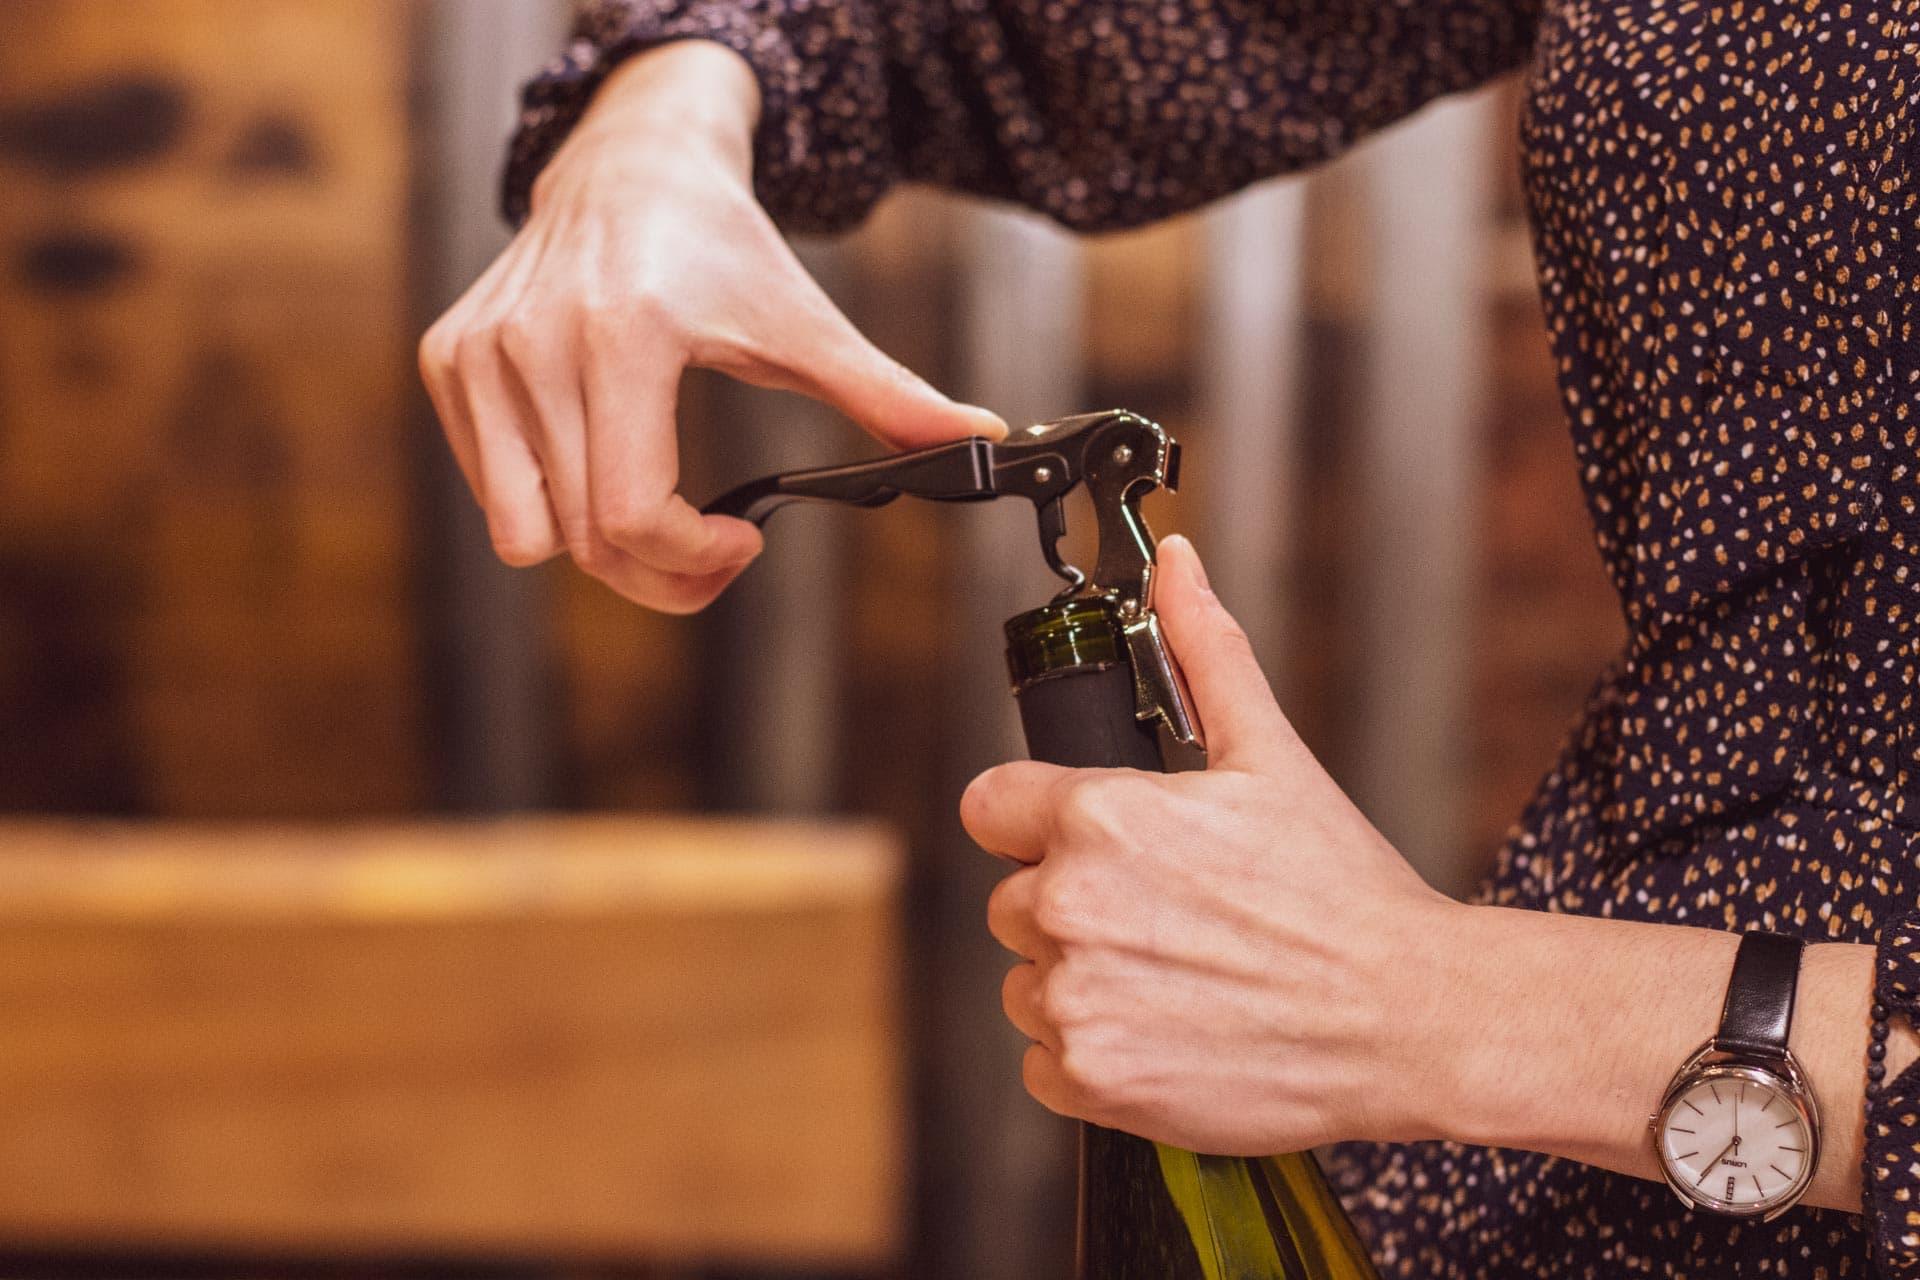 Foto ke článku 2, jak otevřít víno